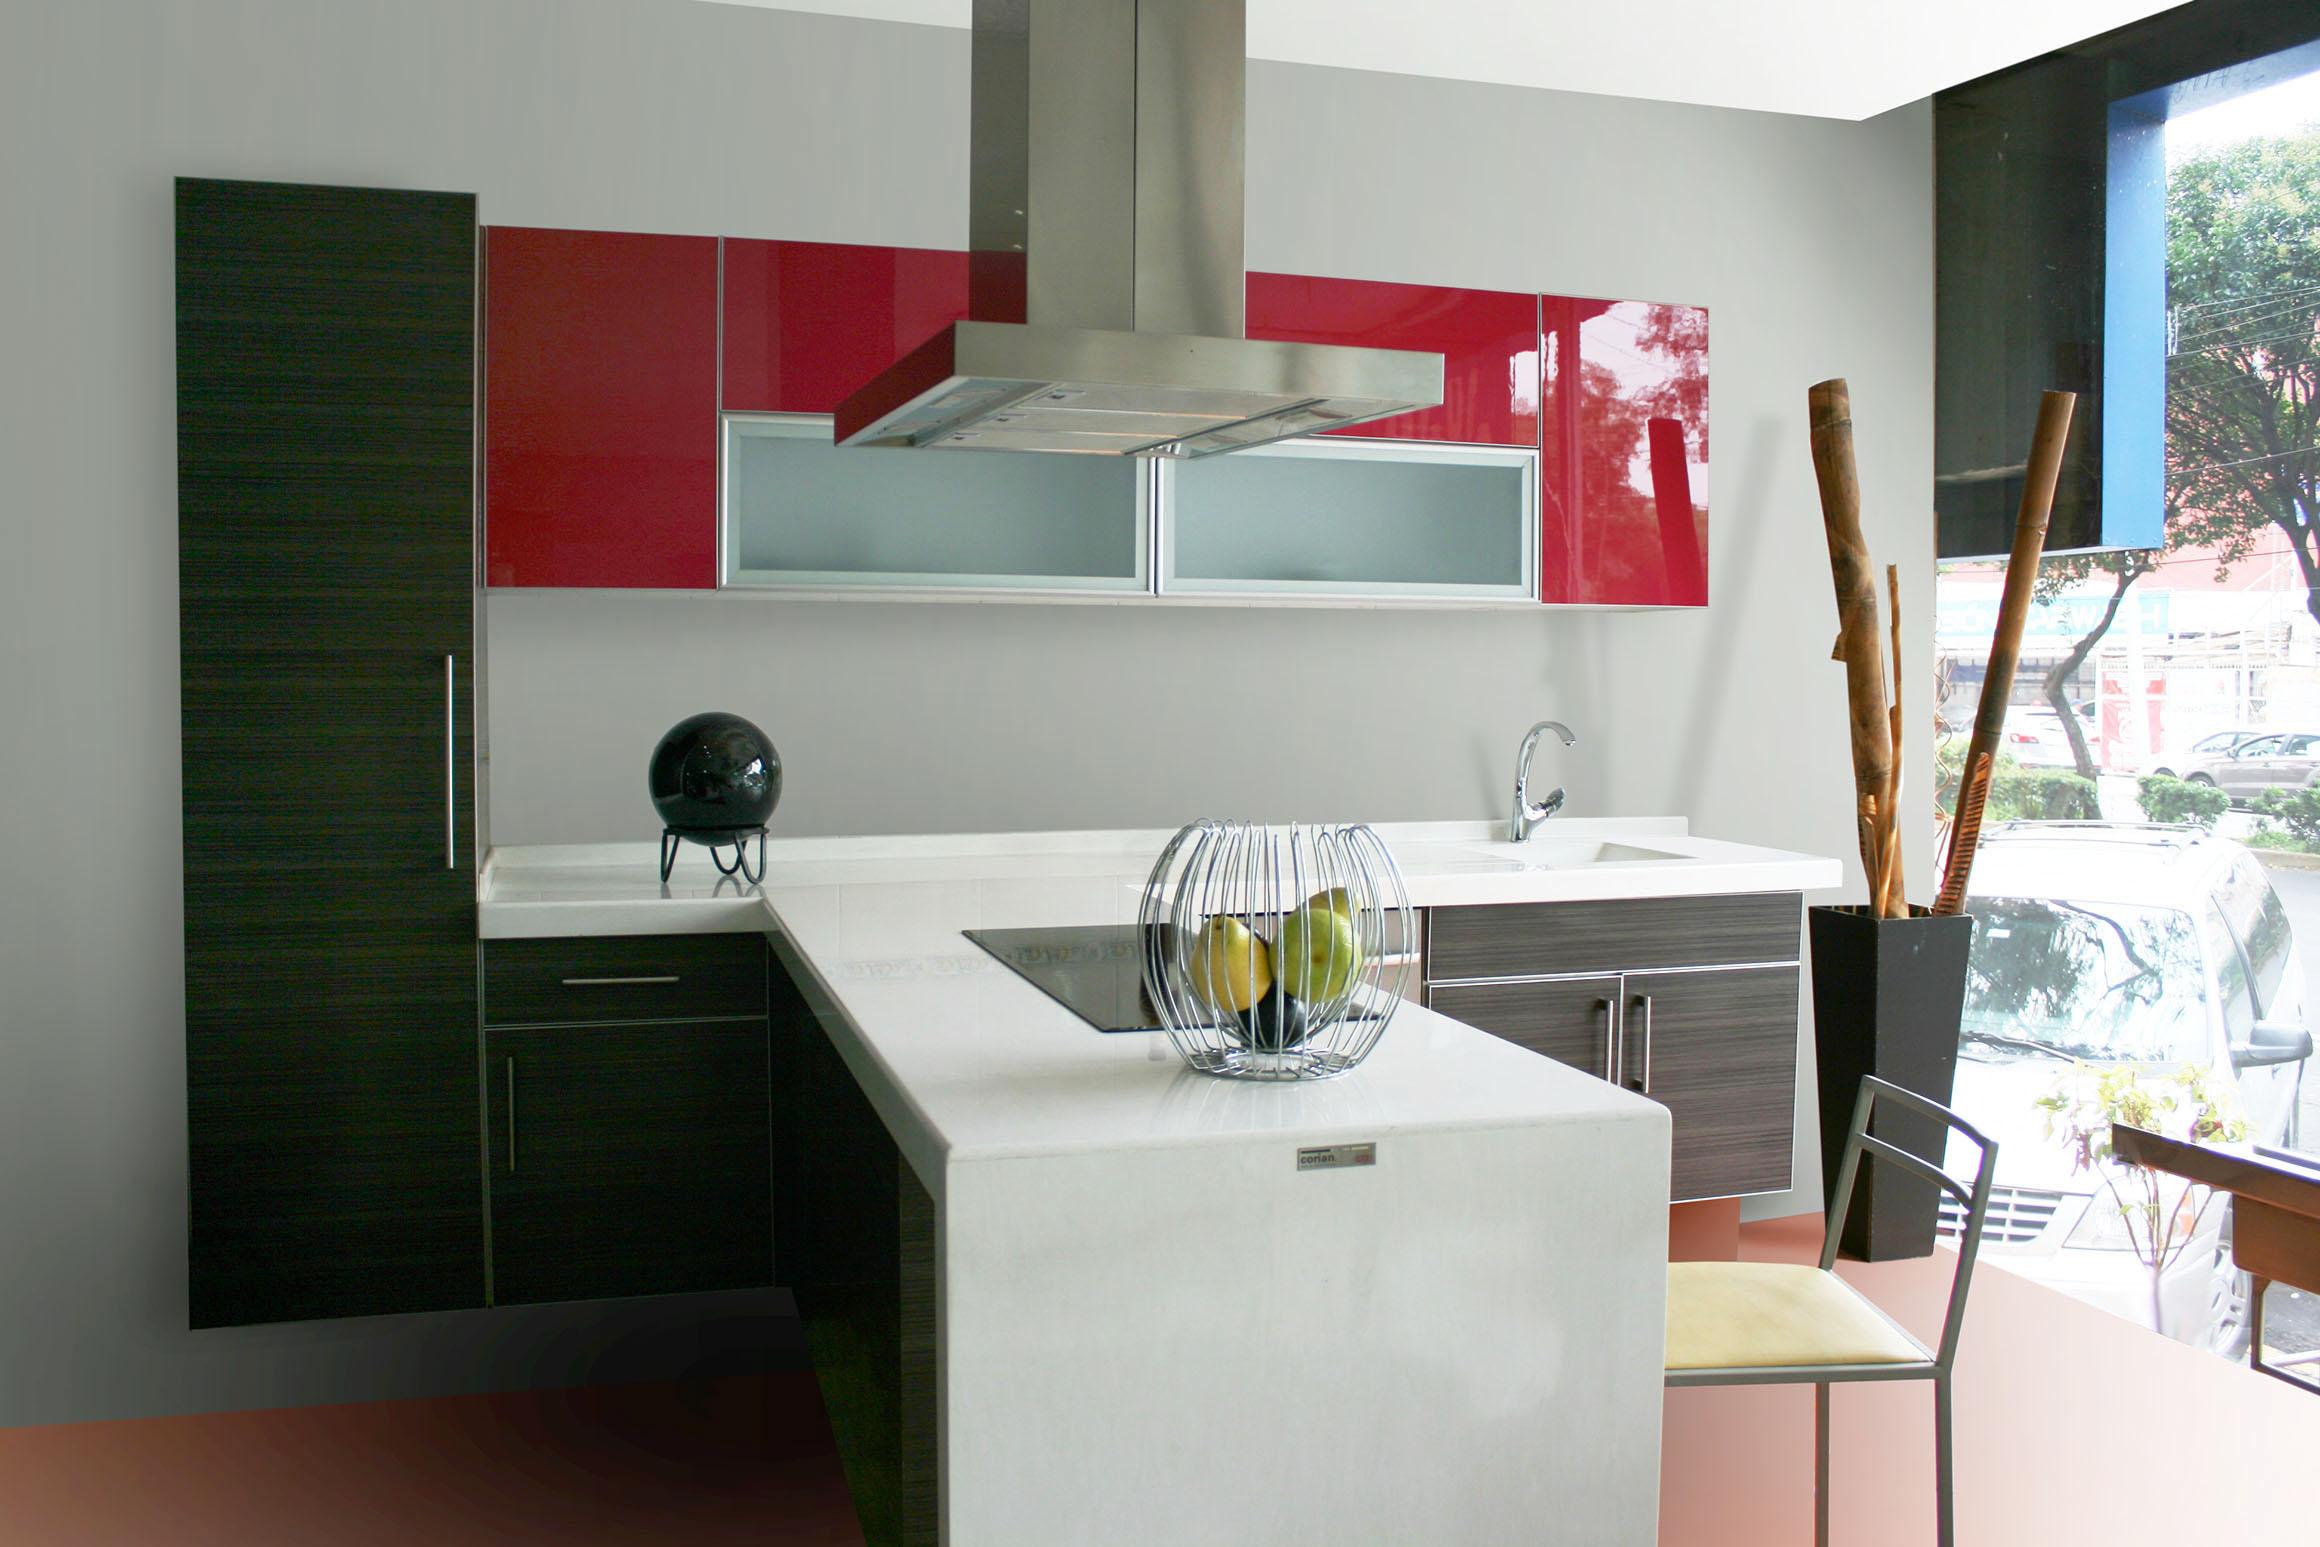 Promociones Cocinas Integrales Riviera | Cocinas Integrales ...